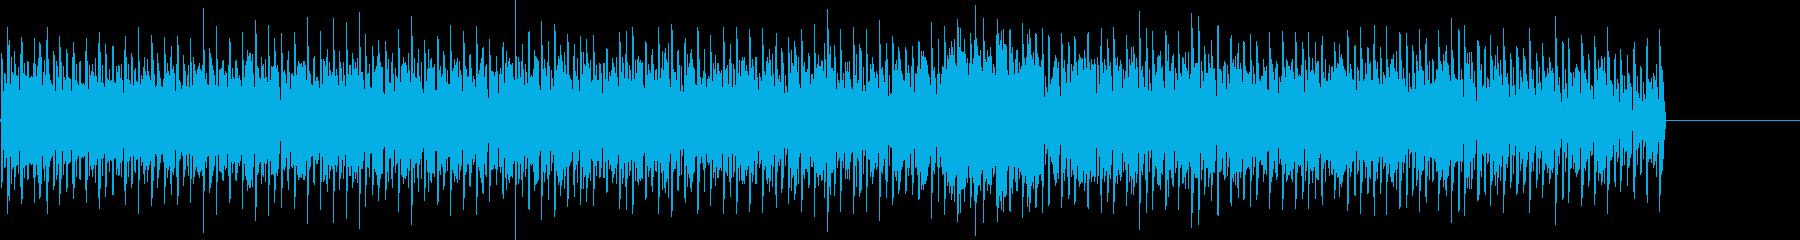 とても焦燥感のある曲調ですの再生済みの波形